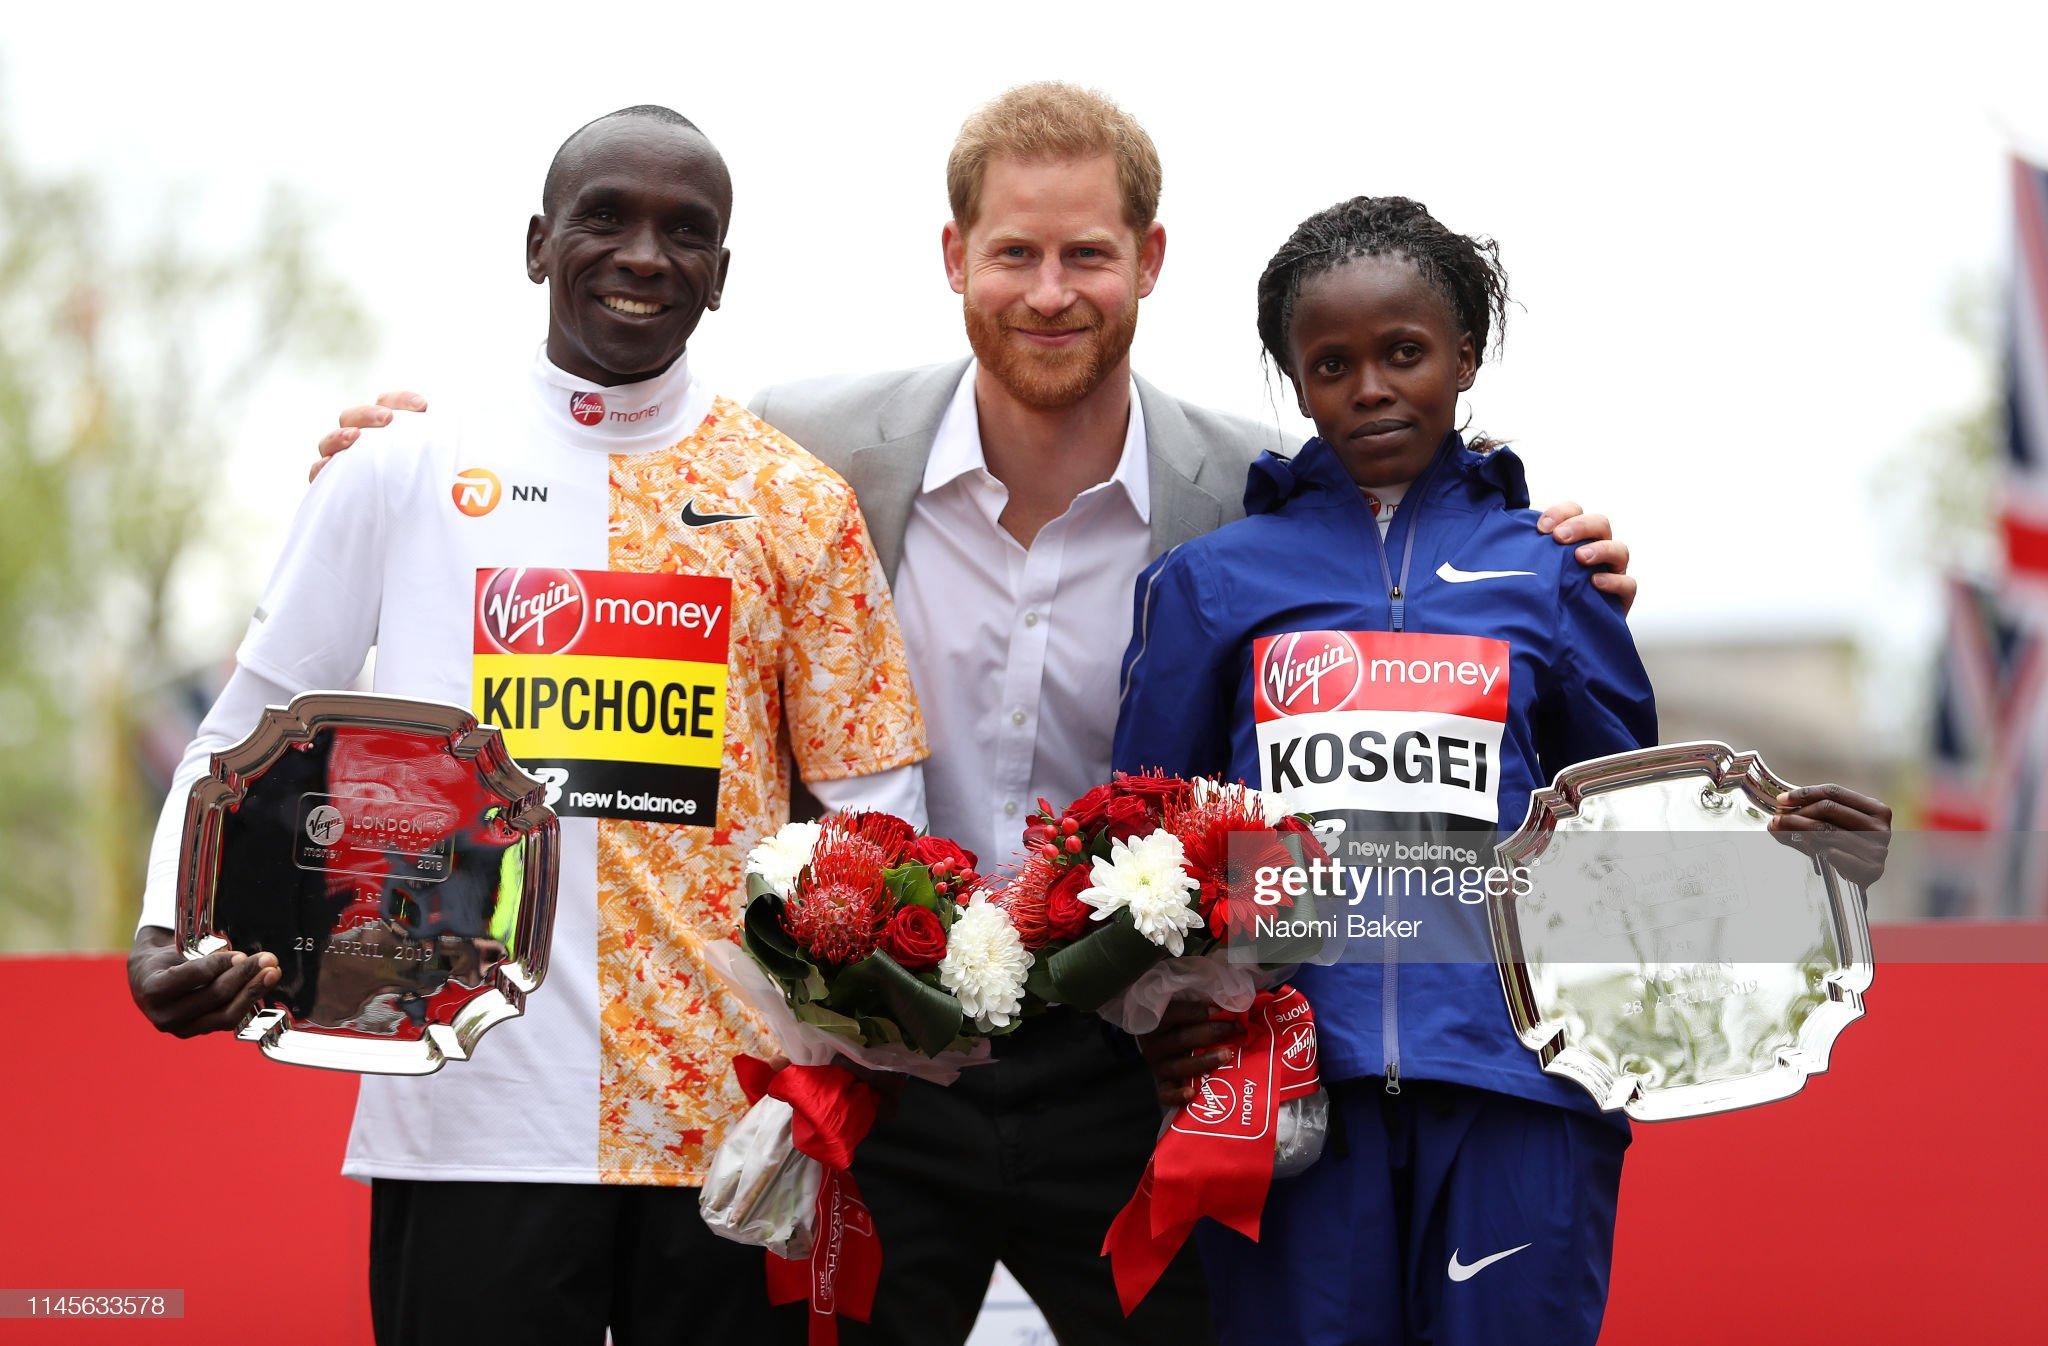 Элиуд Кипчоге и Бриджит Косгей - победители 39-го Лондонского марафона